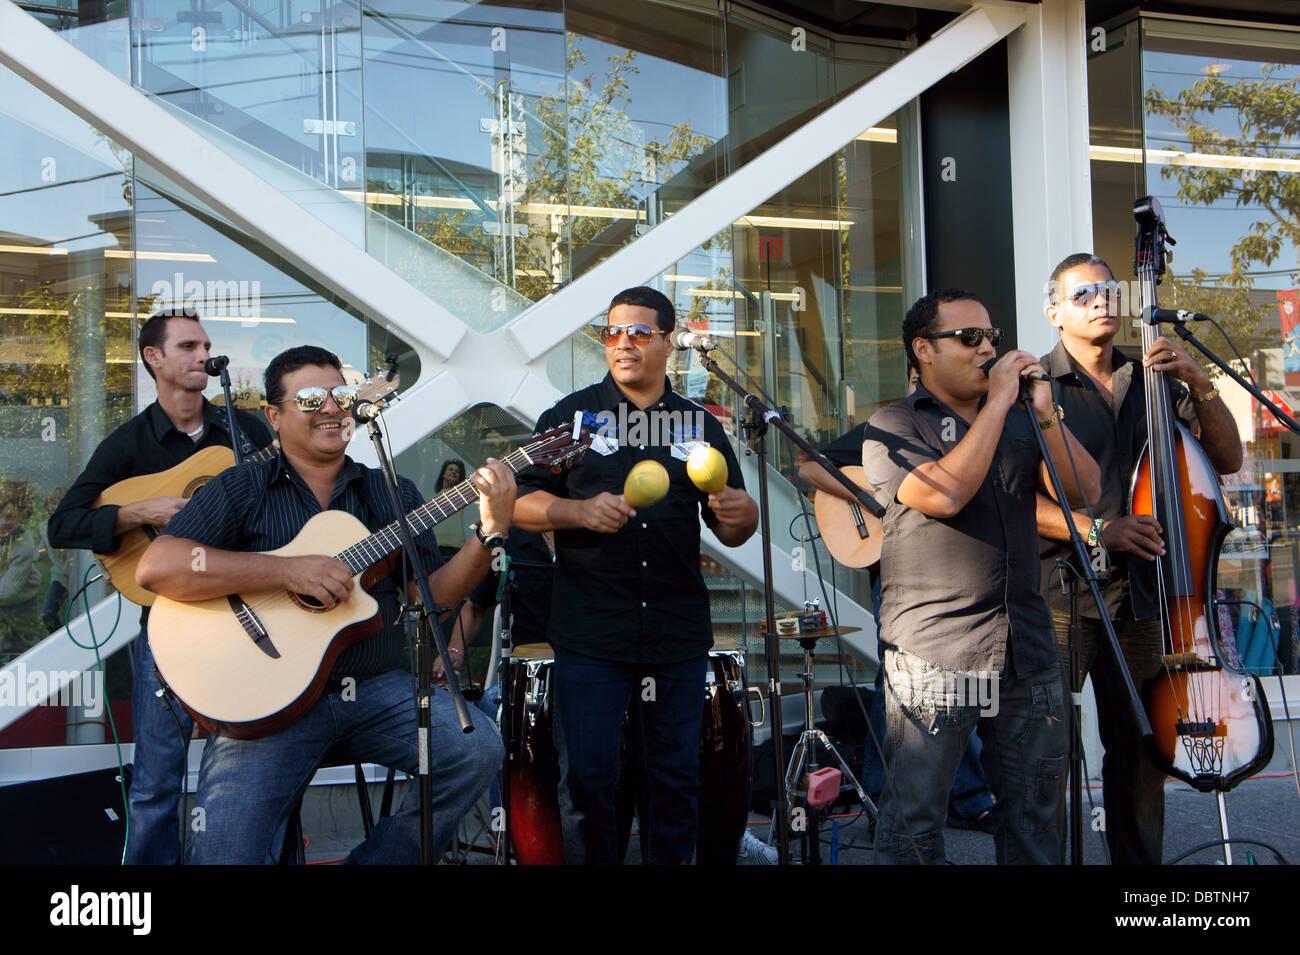 Cuban musical group Brisas del Palmar from Santiago de Cuba performing in Vancouver, BC, Canada - Stock Image